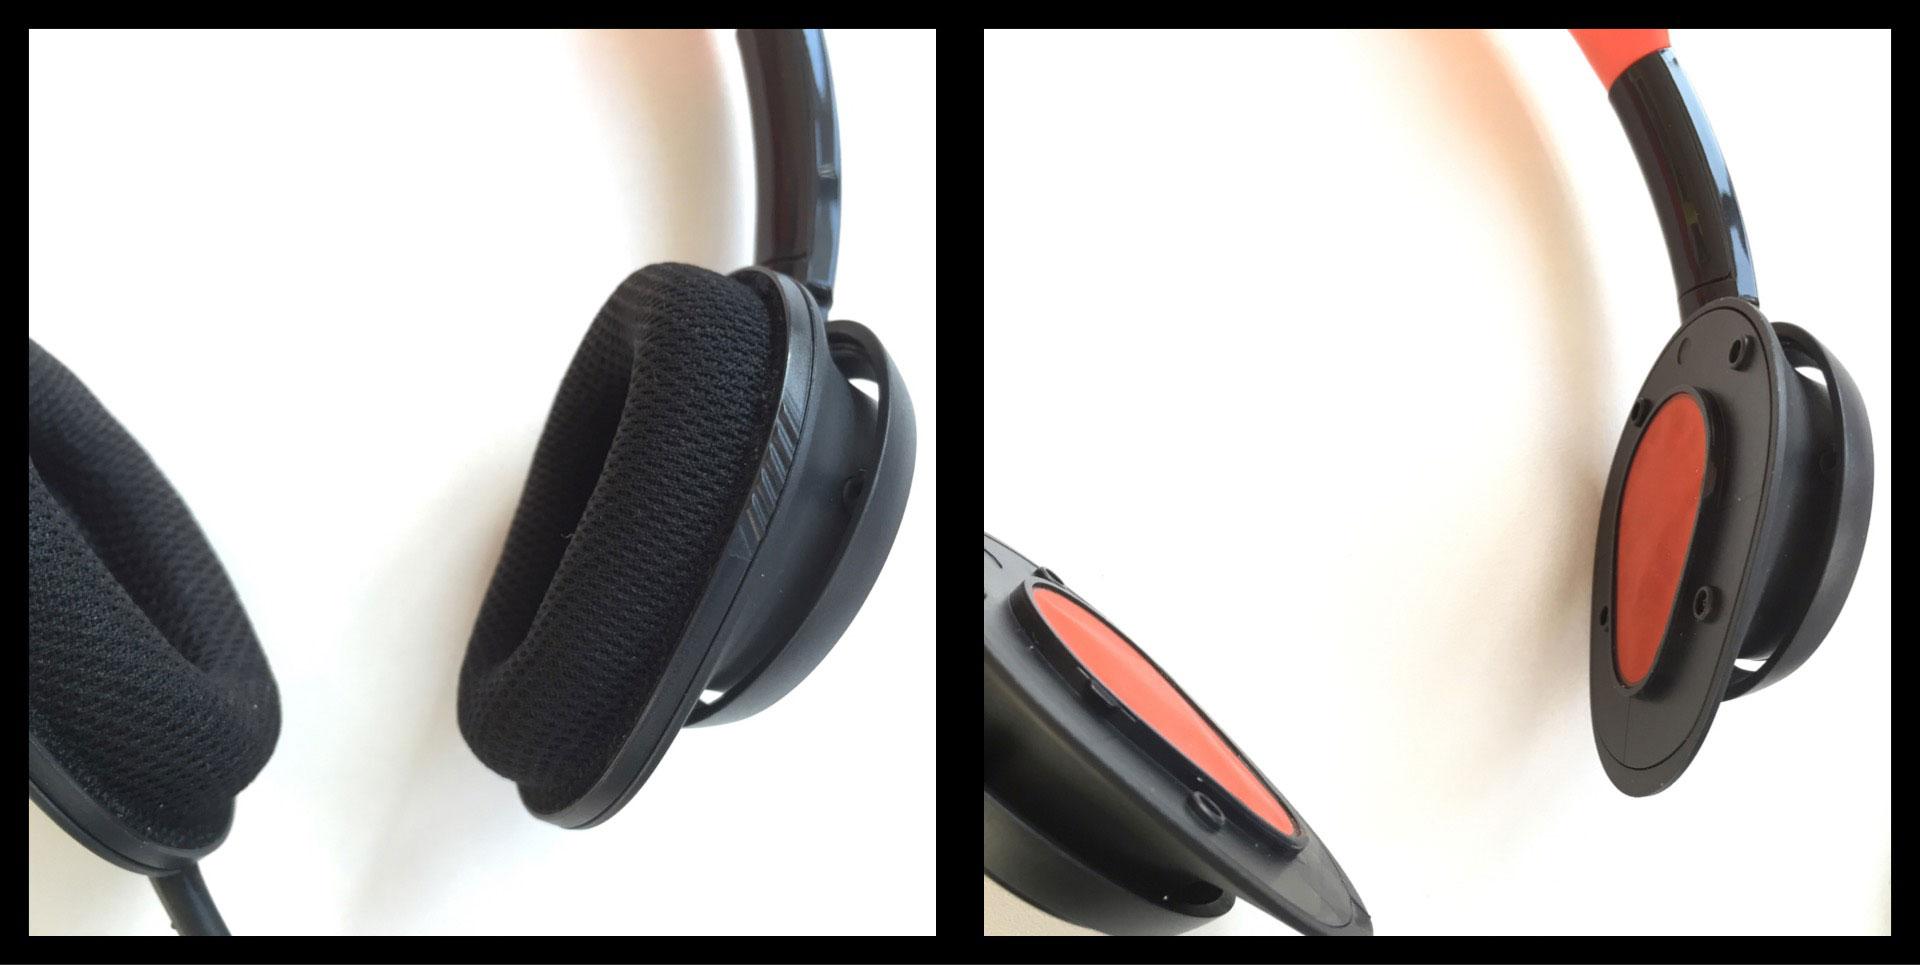 Le casque de sport Philips ActionFit SHQ5200 avec ses coussinets amovibles et lavables, Ph. Moctar KANE.